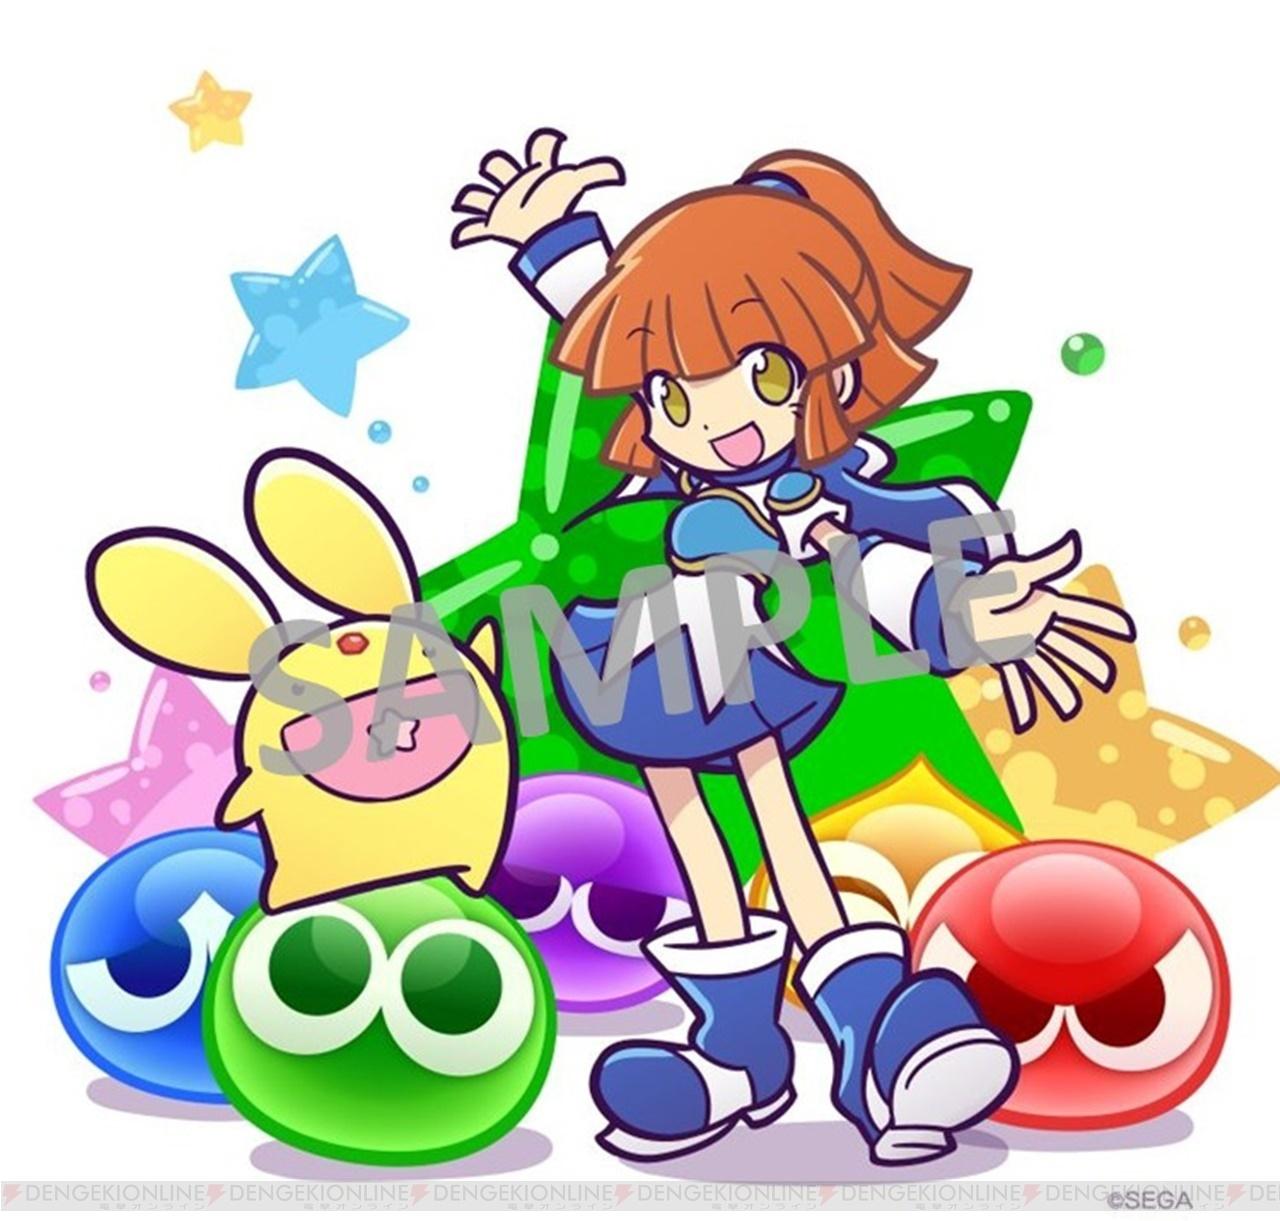 『ぷよぷよクロニクル』スペシャルプライス版が6月28日に発売。初回封入特典は描き下ろしステッカー